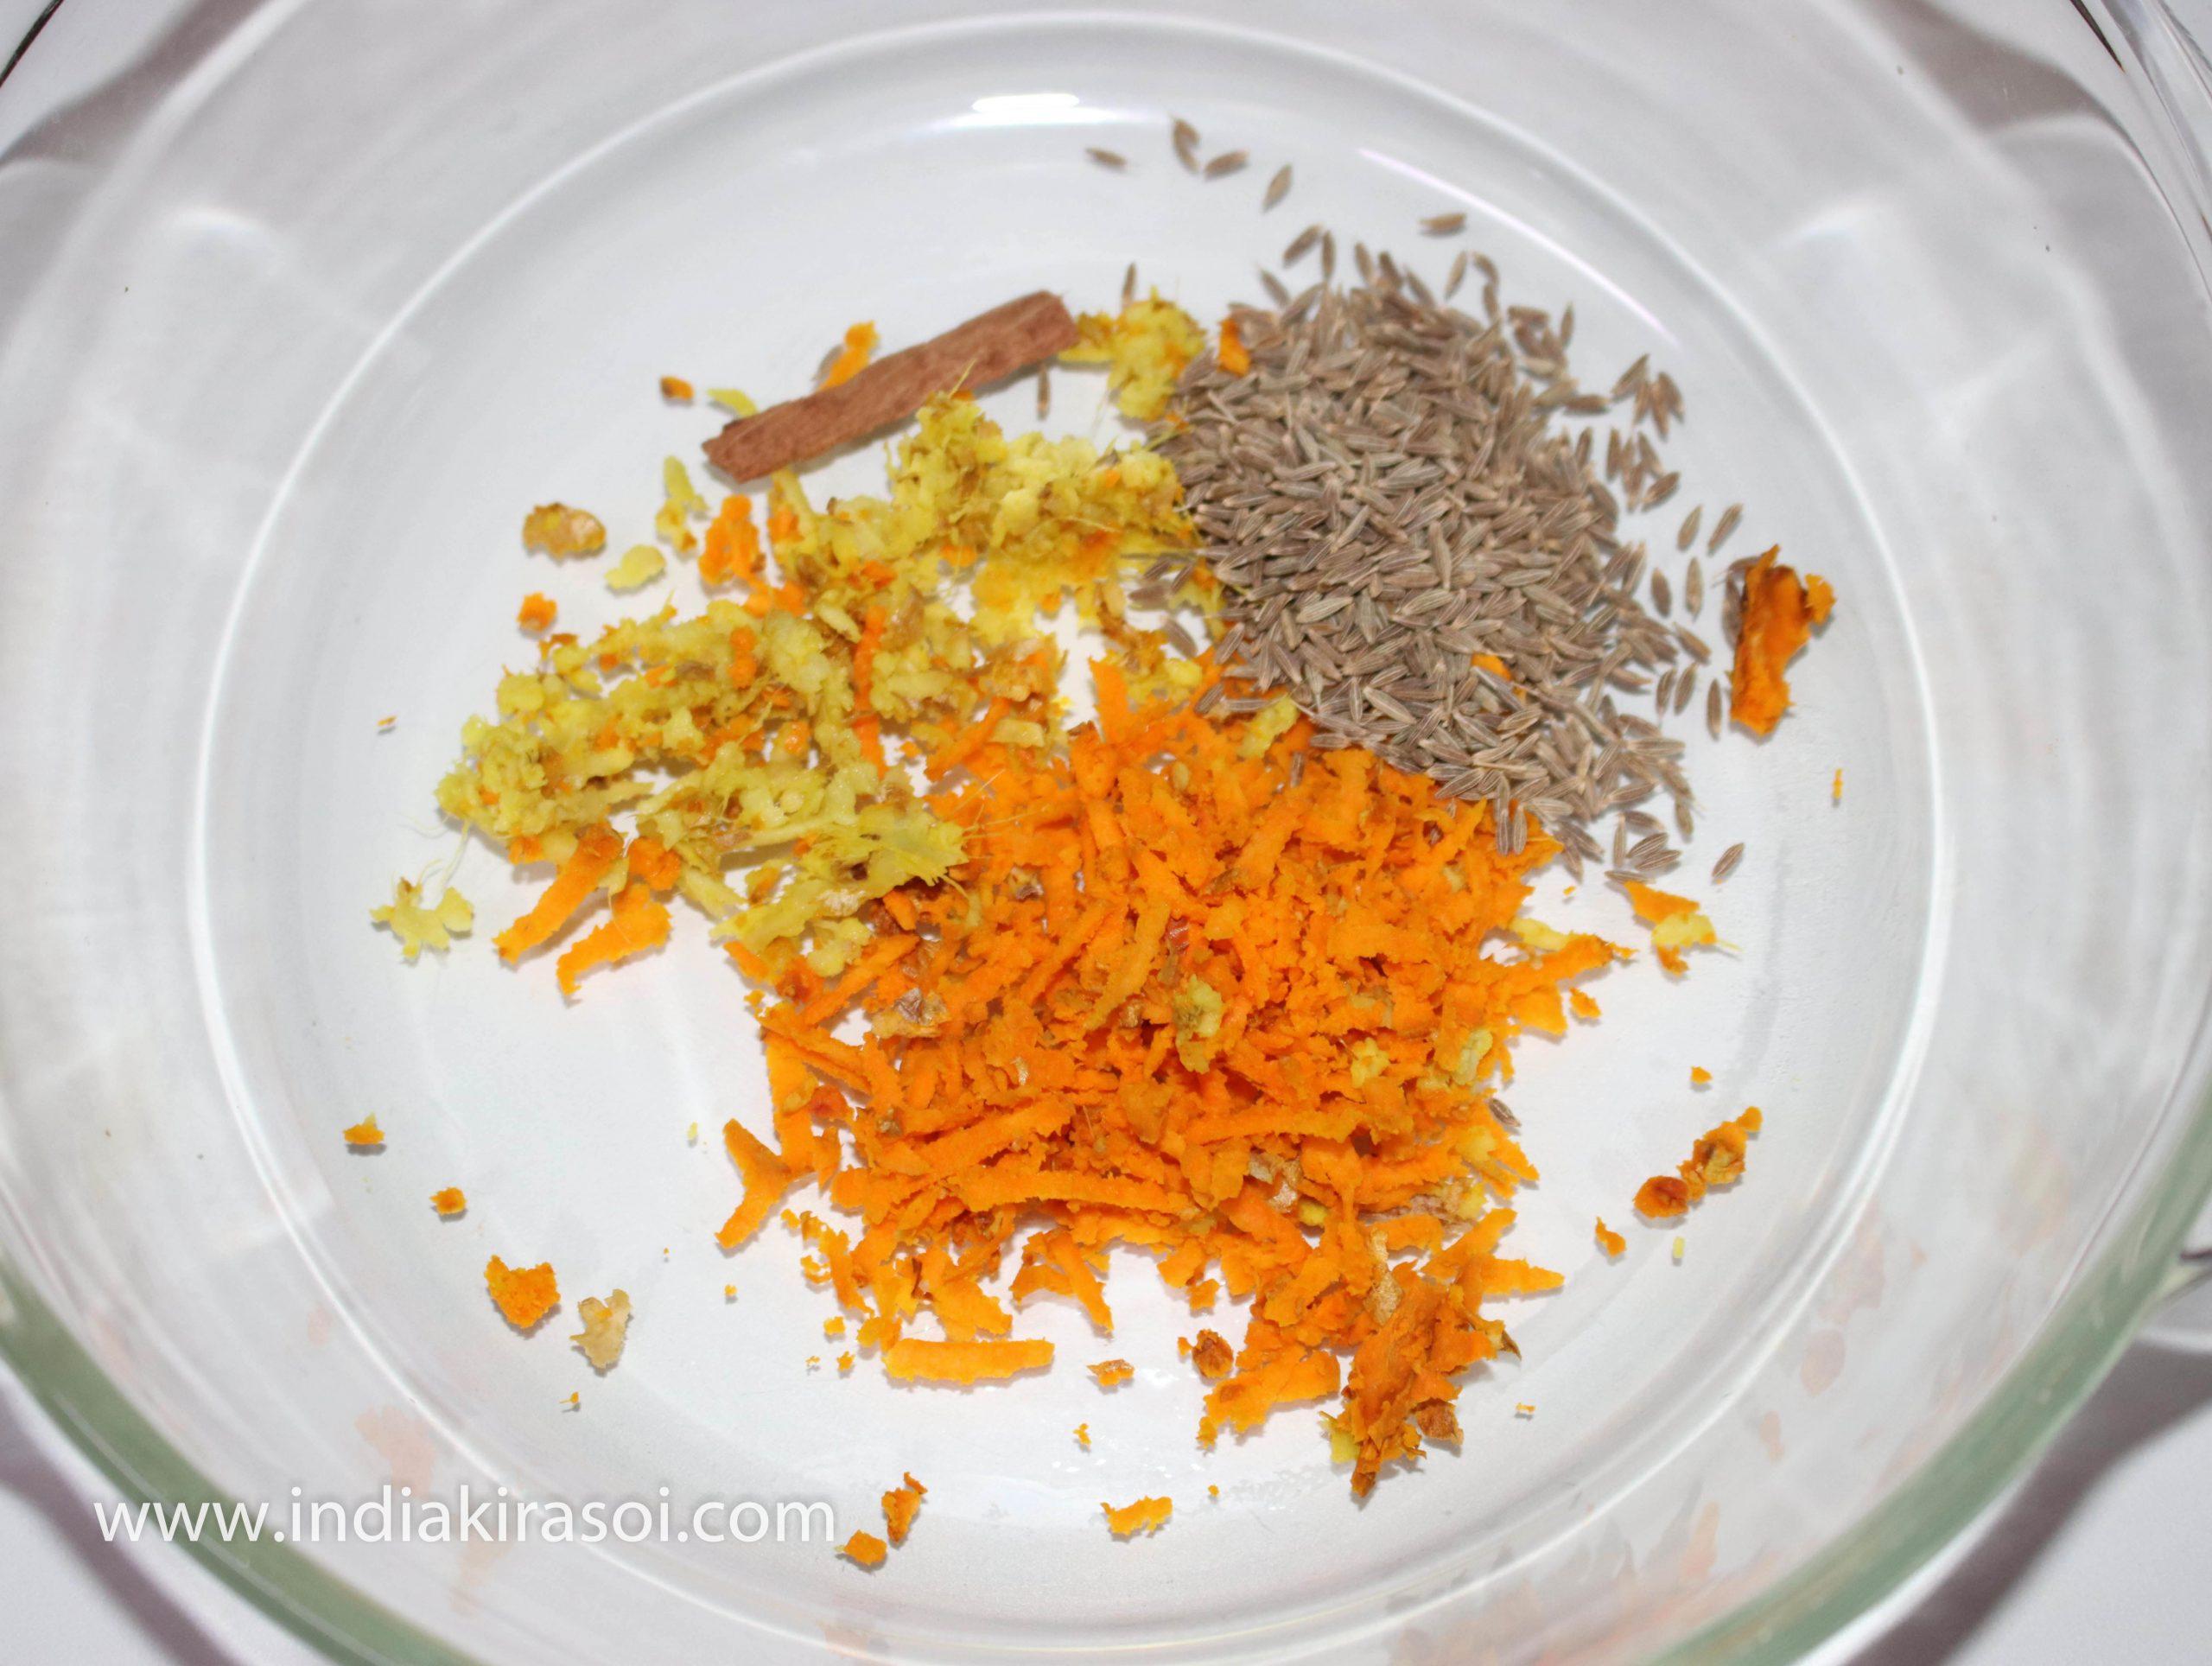 Put grated turmeric, ginger, cumin, cinnamon, lemon in a vessel.